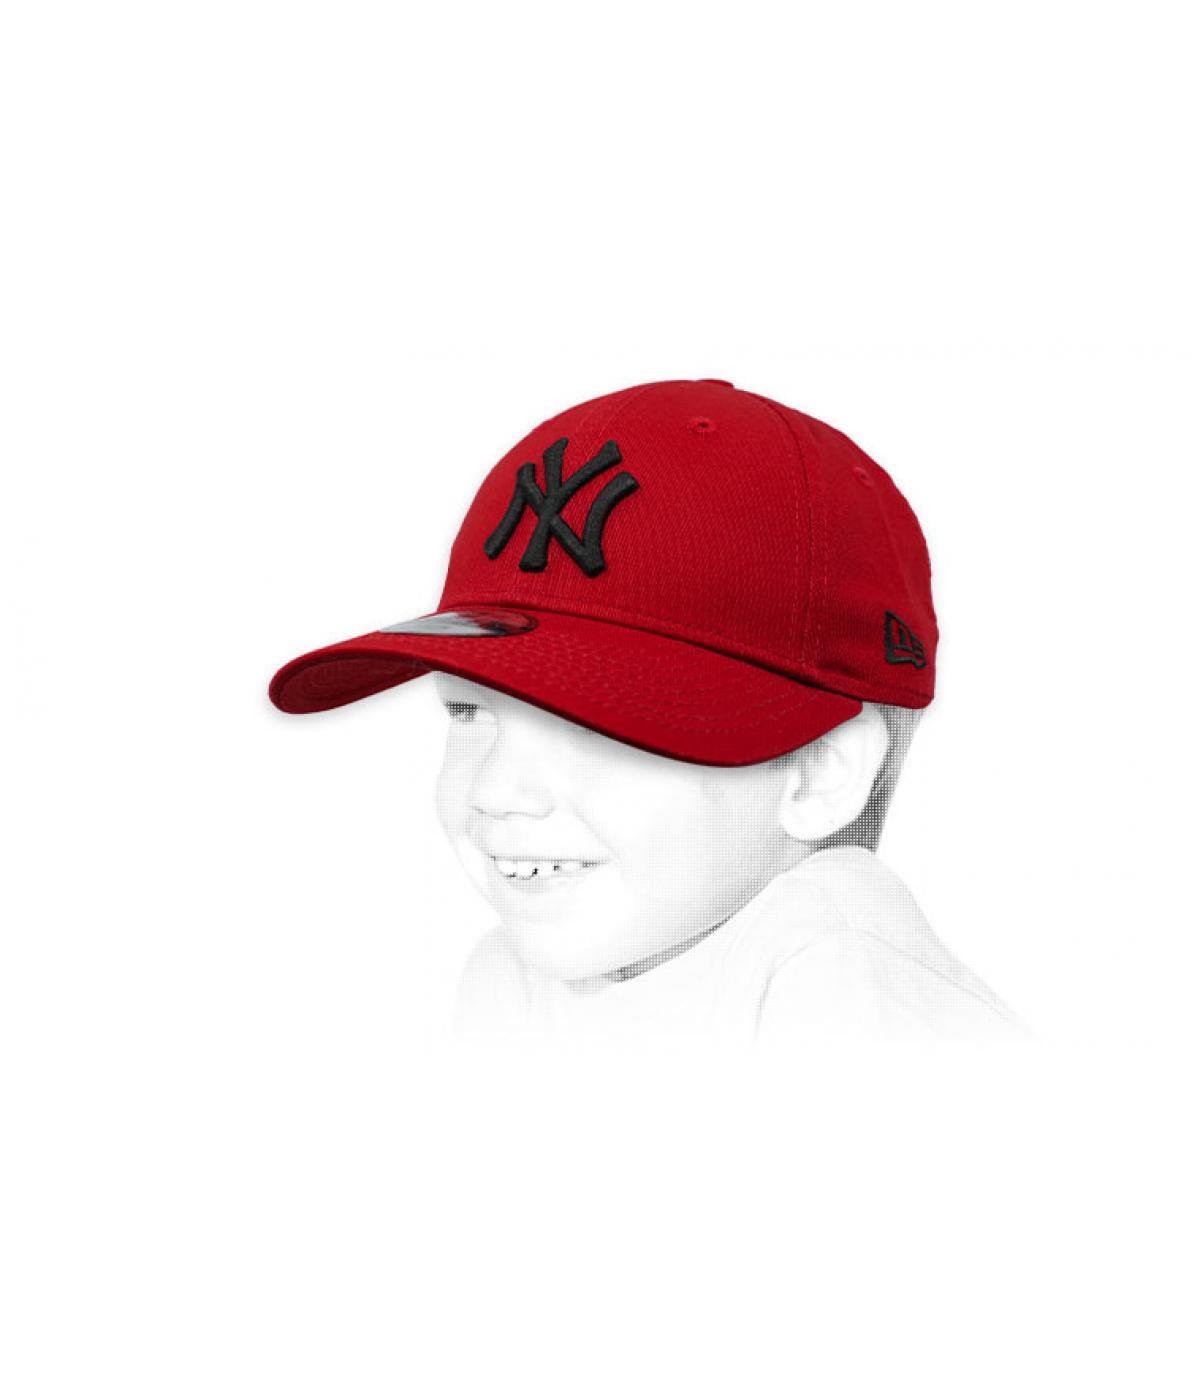 Gorra roja - Compra venta de Gorra rojas. Primera sombrerería en ... e8ab6090ab4